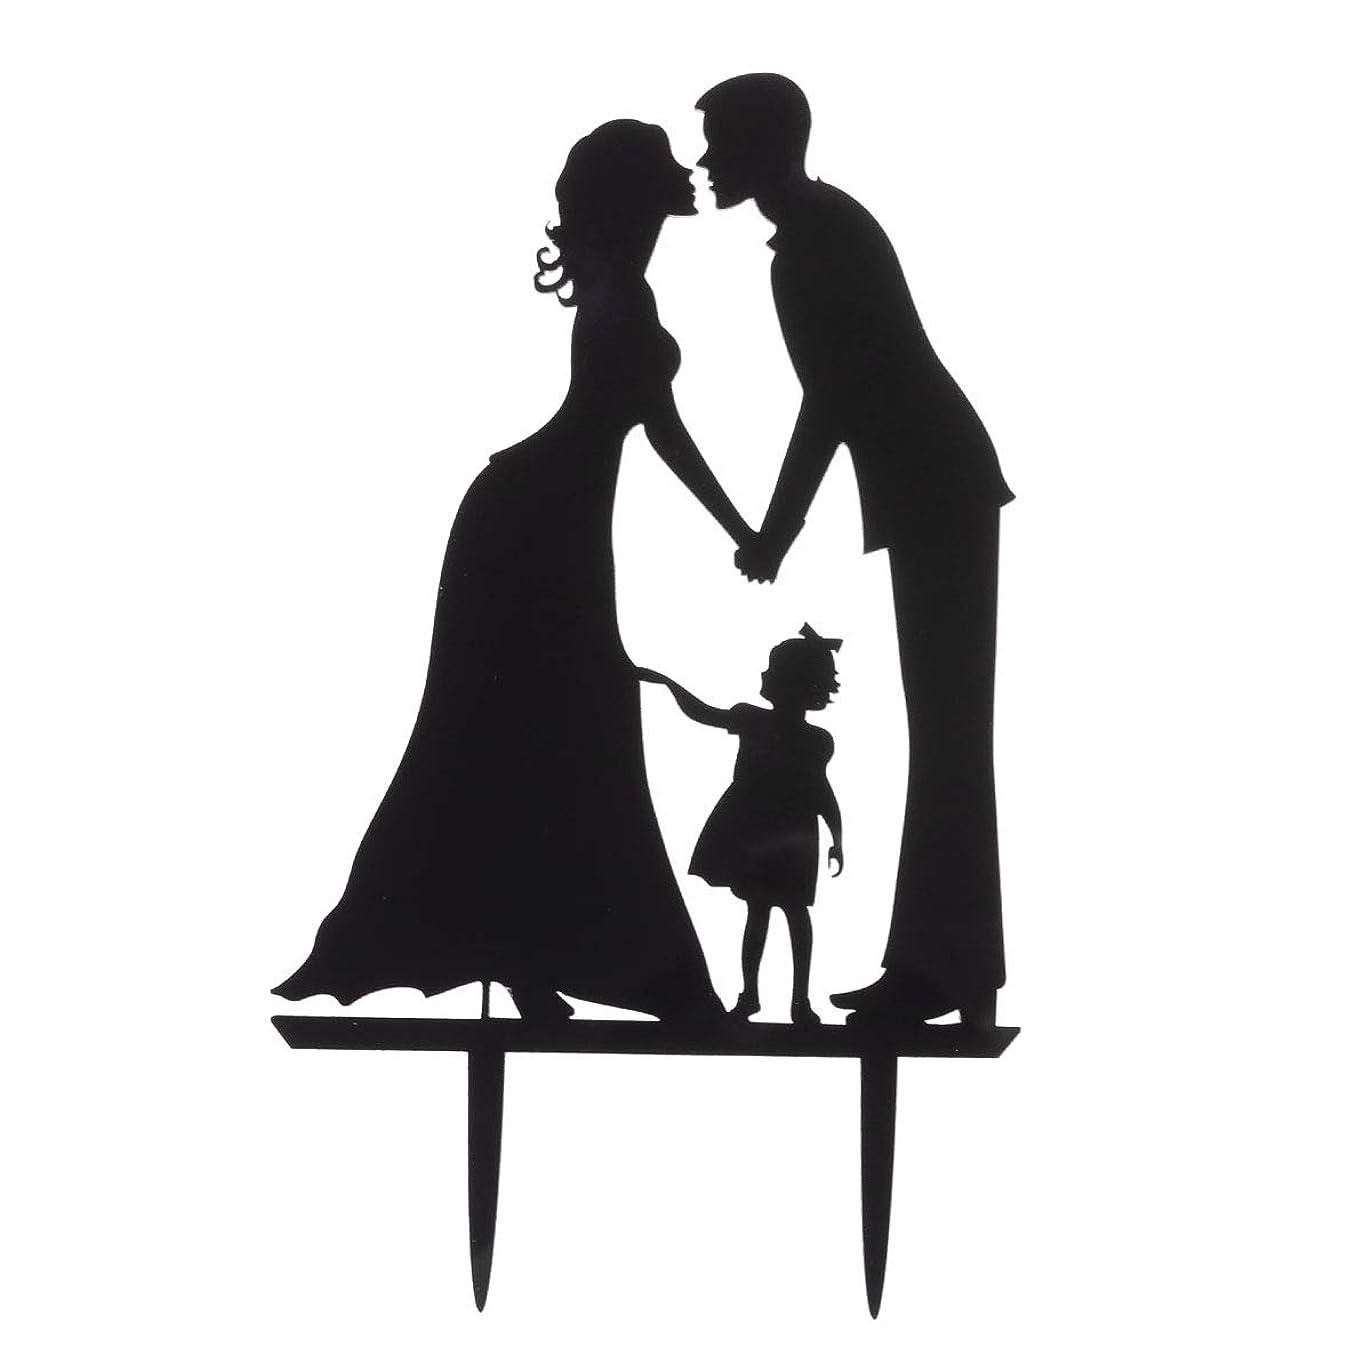 失礼なバッグメニューVosarea ウエディングケーキトッパー新郎新婦キス手をつないでアクリルカップルシルエット周年記念ケーキトッパー